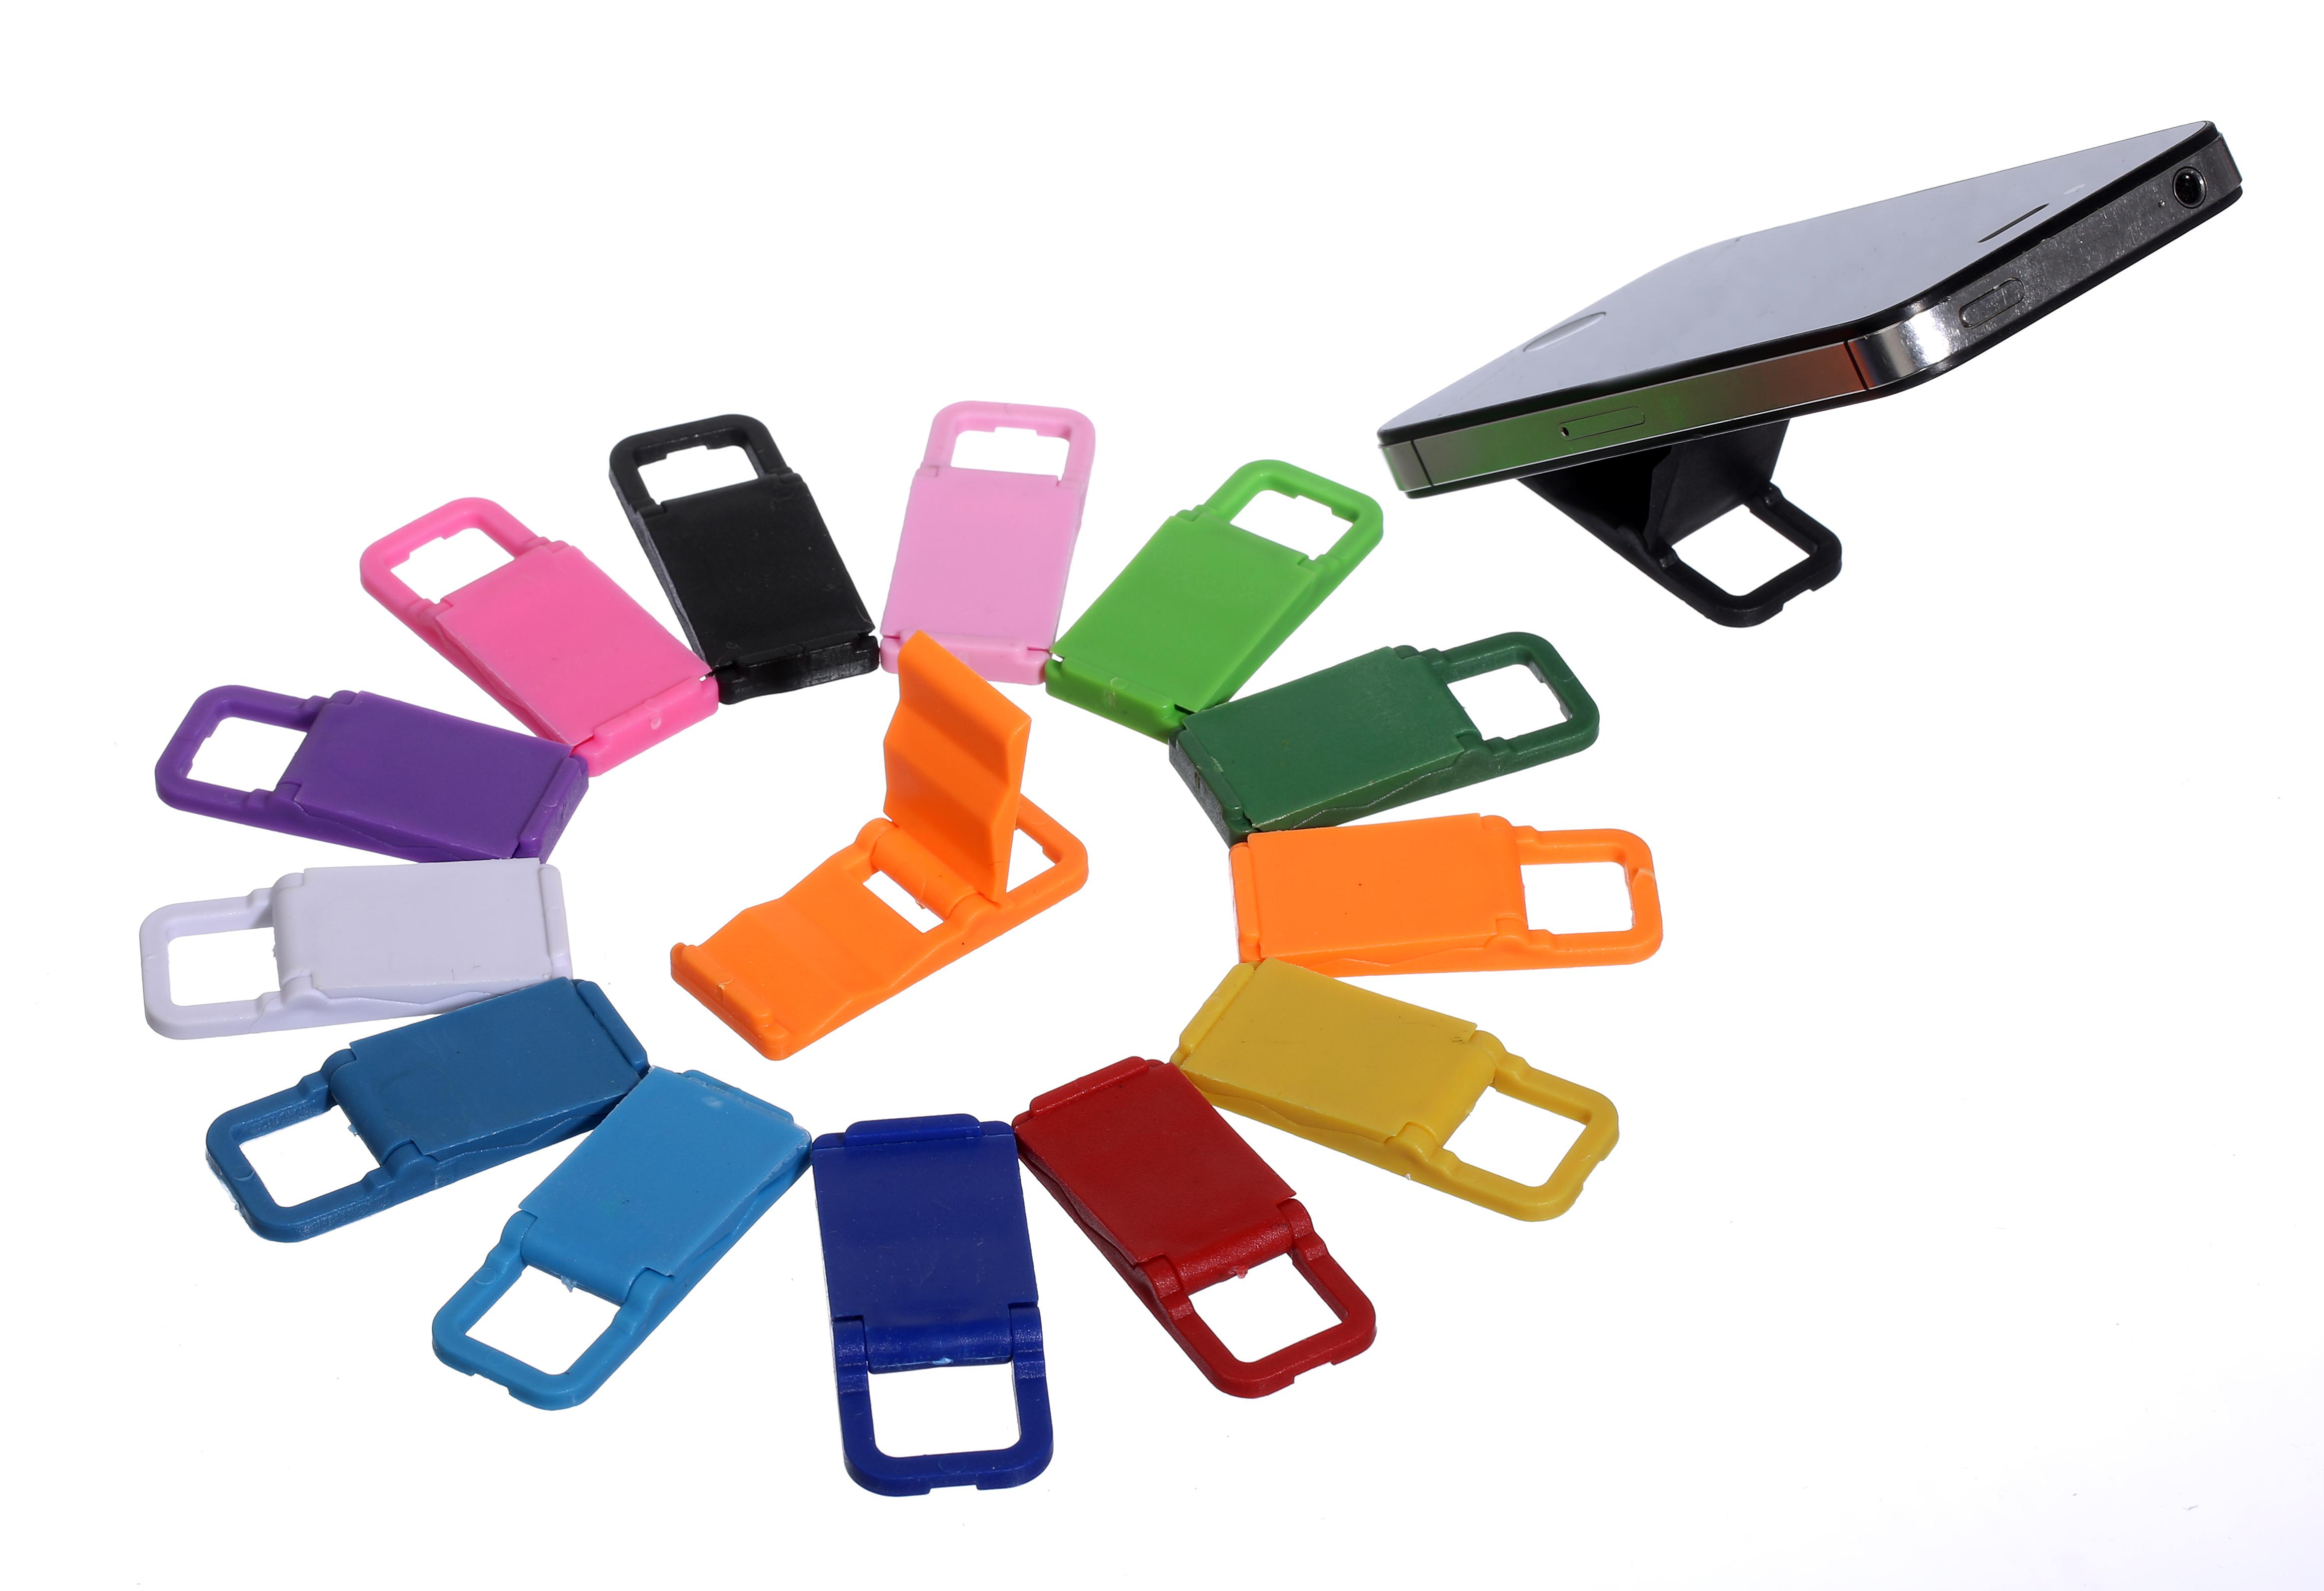 klap mobil uden abonnement